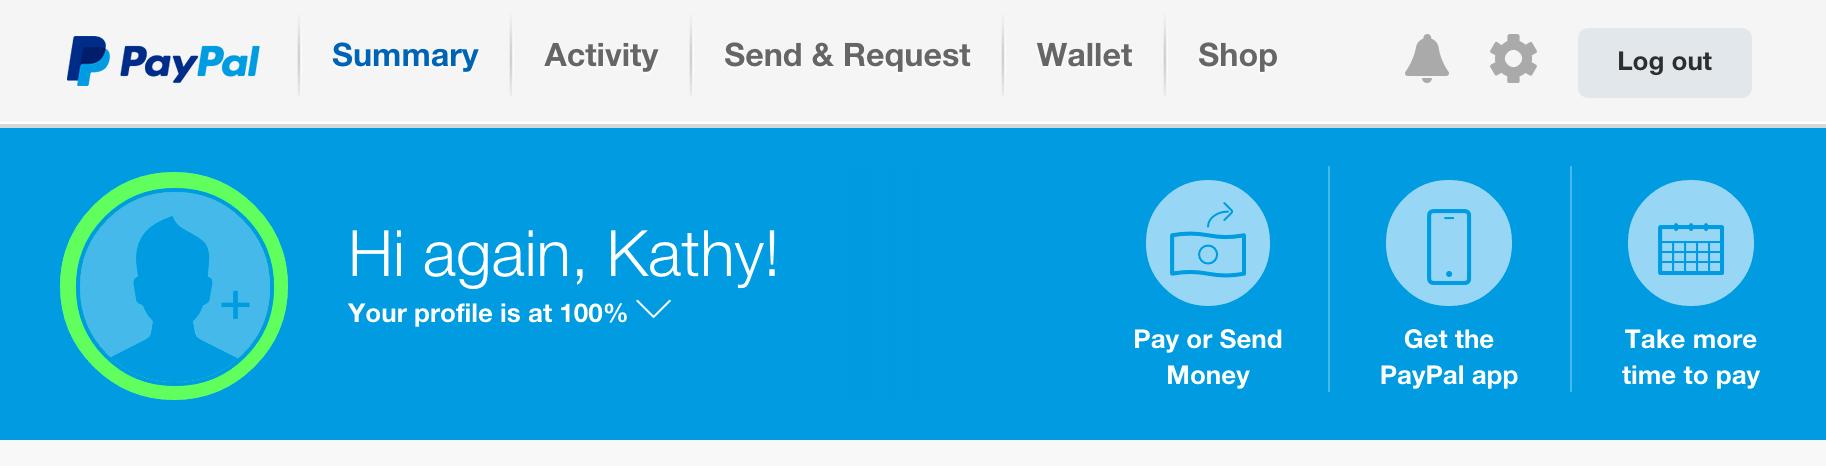 PayPal header